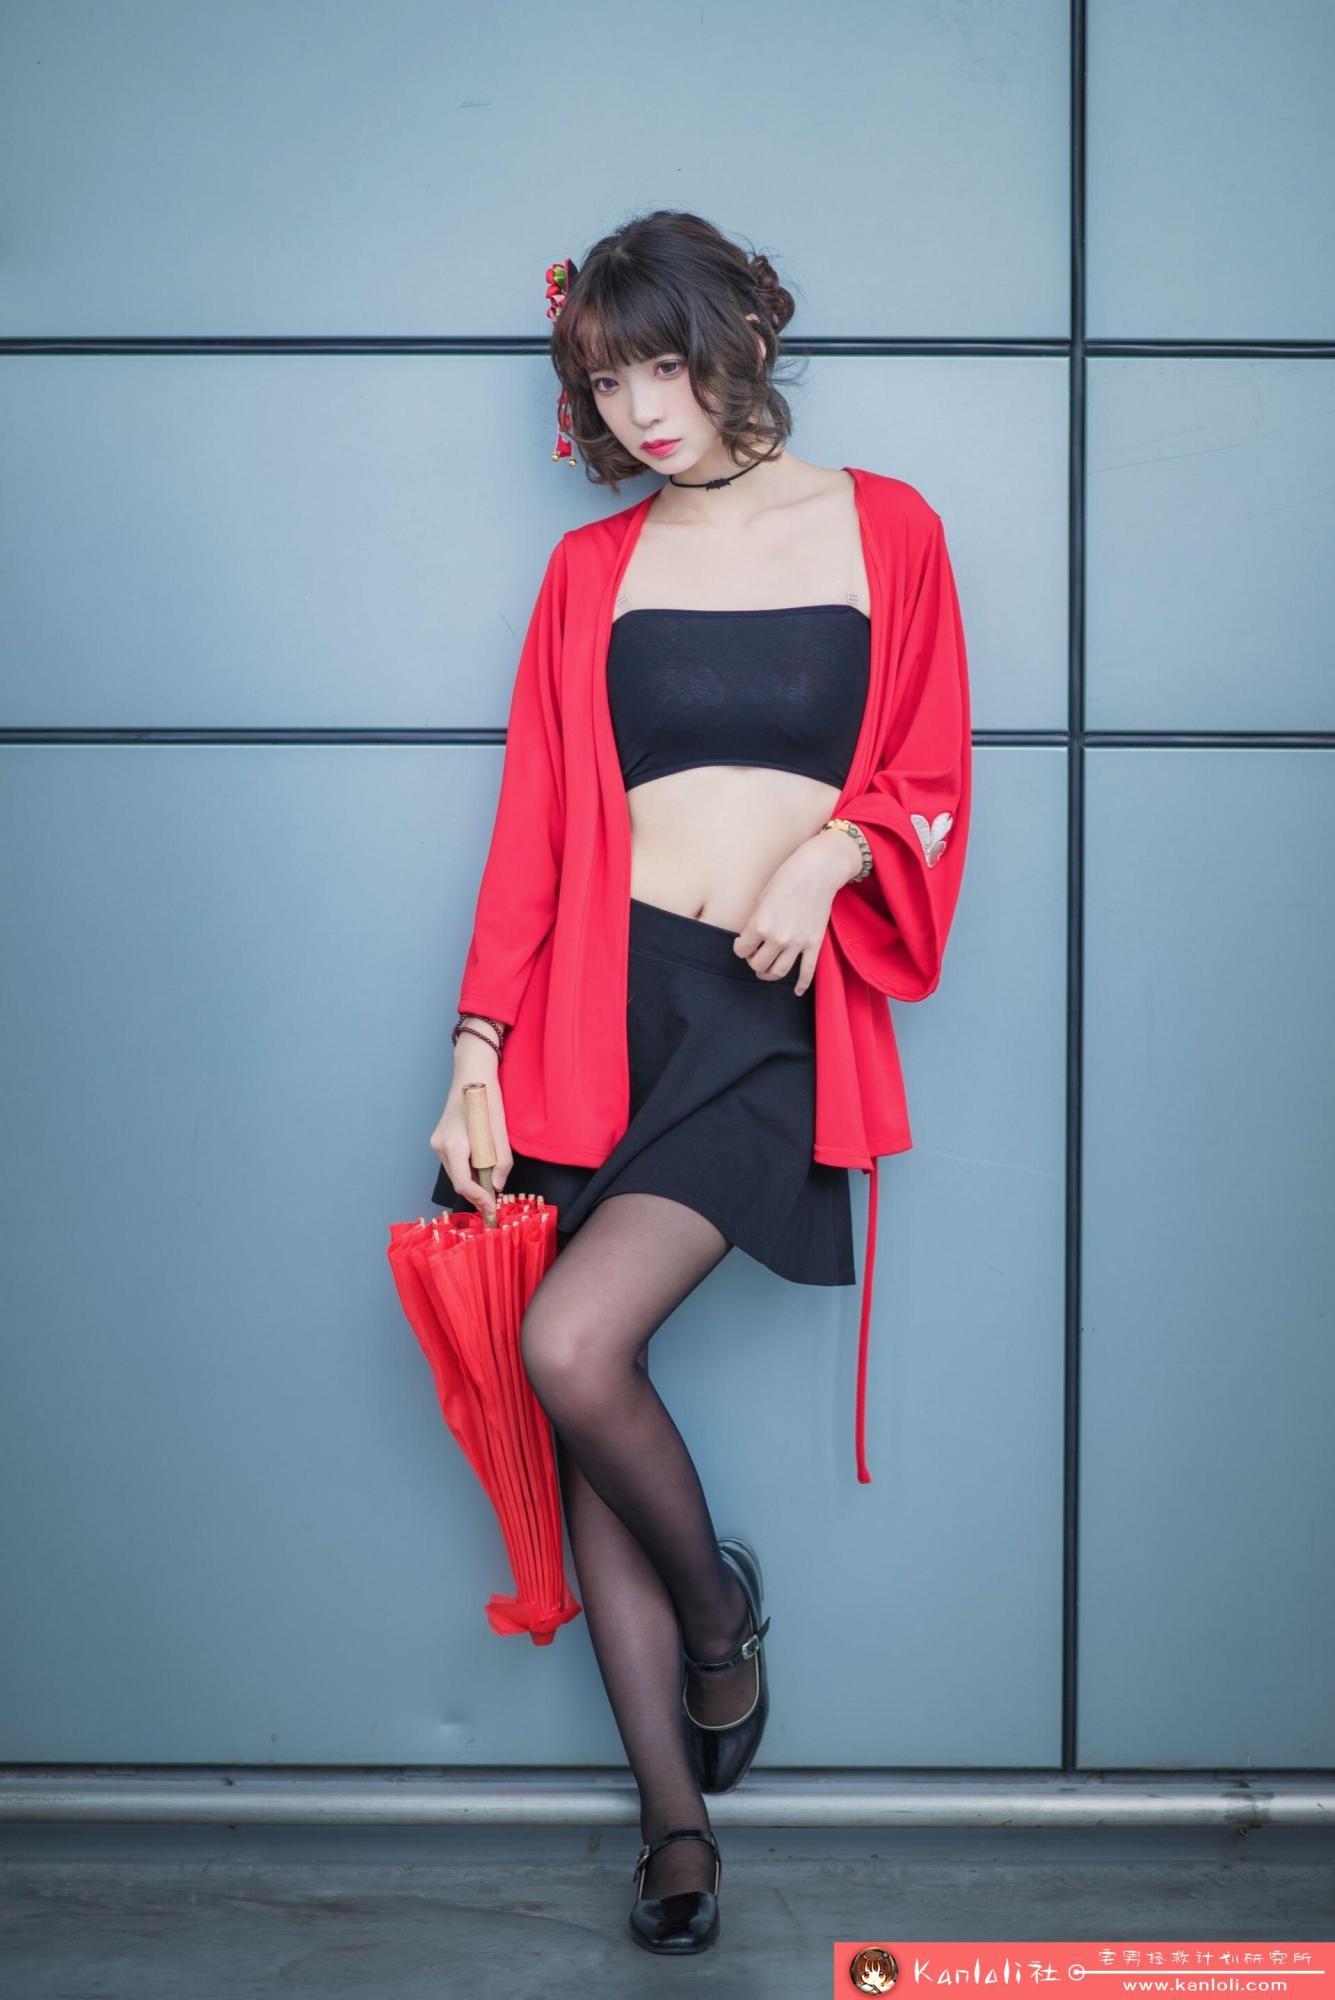 【疯猫ss】疯猫ss写真-FM-028 日系黑色抹胸 [9P]